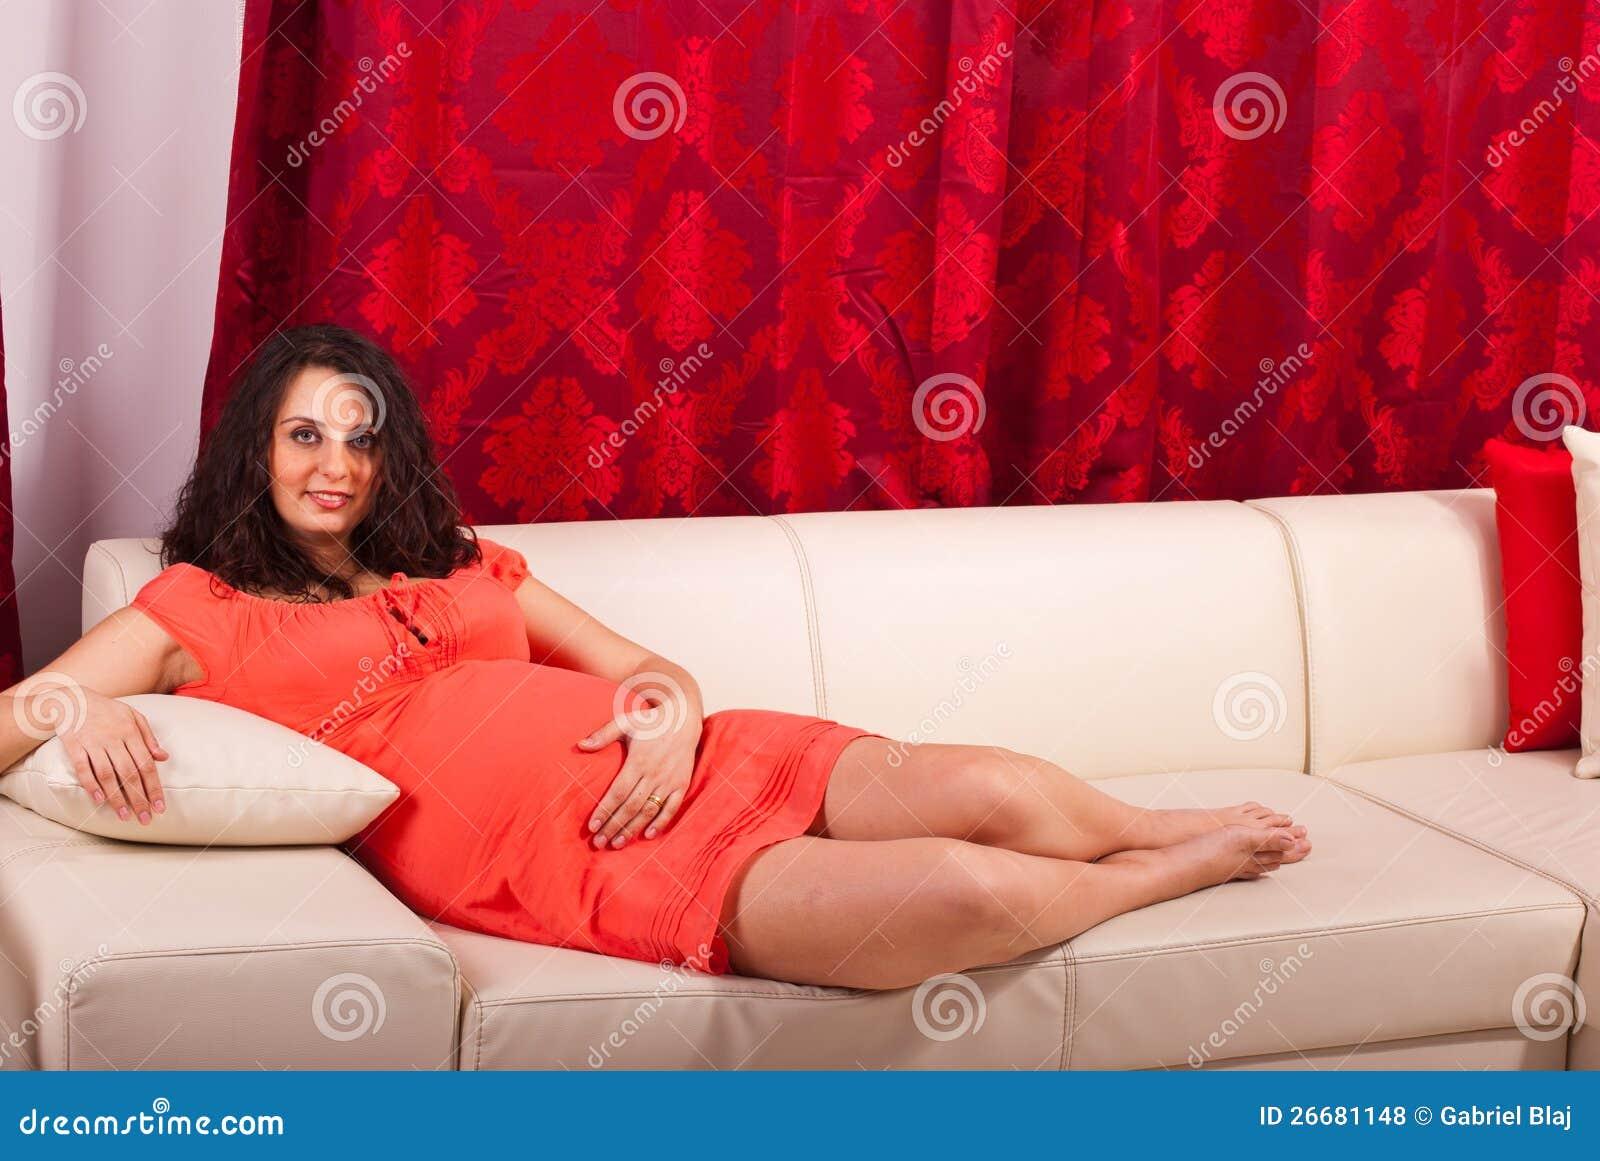 Schwangere Frau, die auf Couch liegt